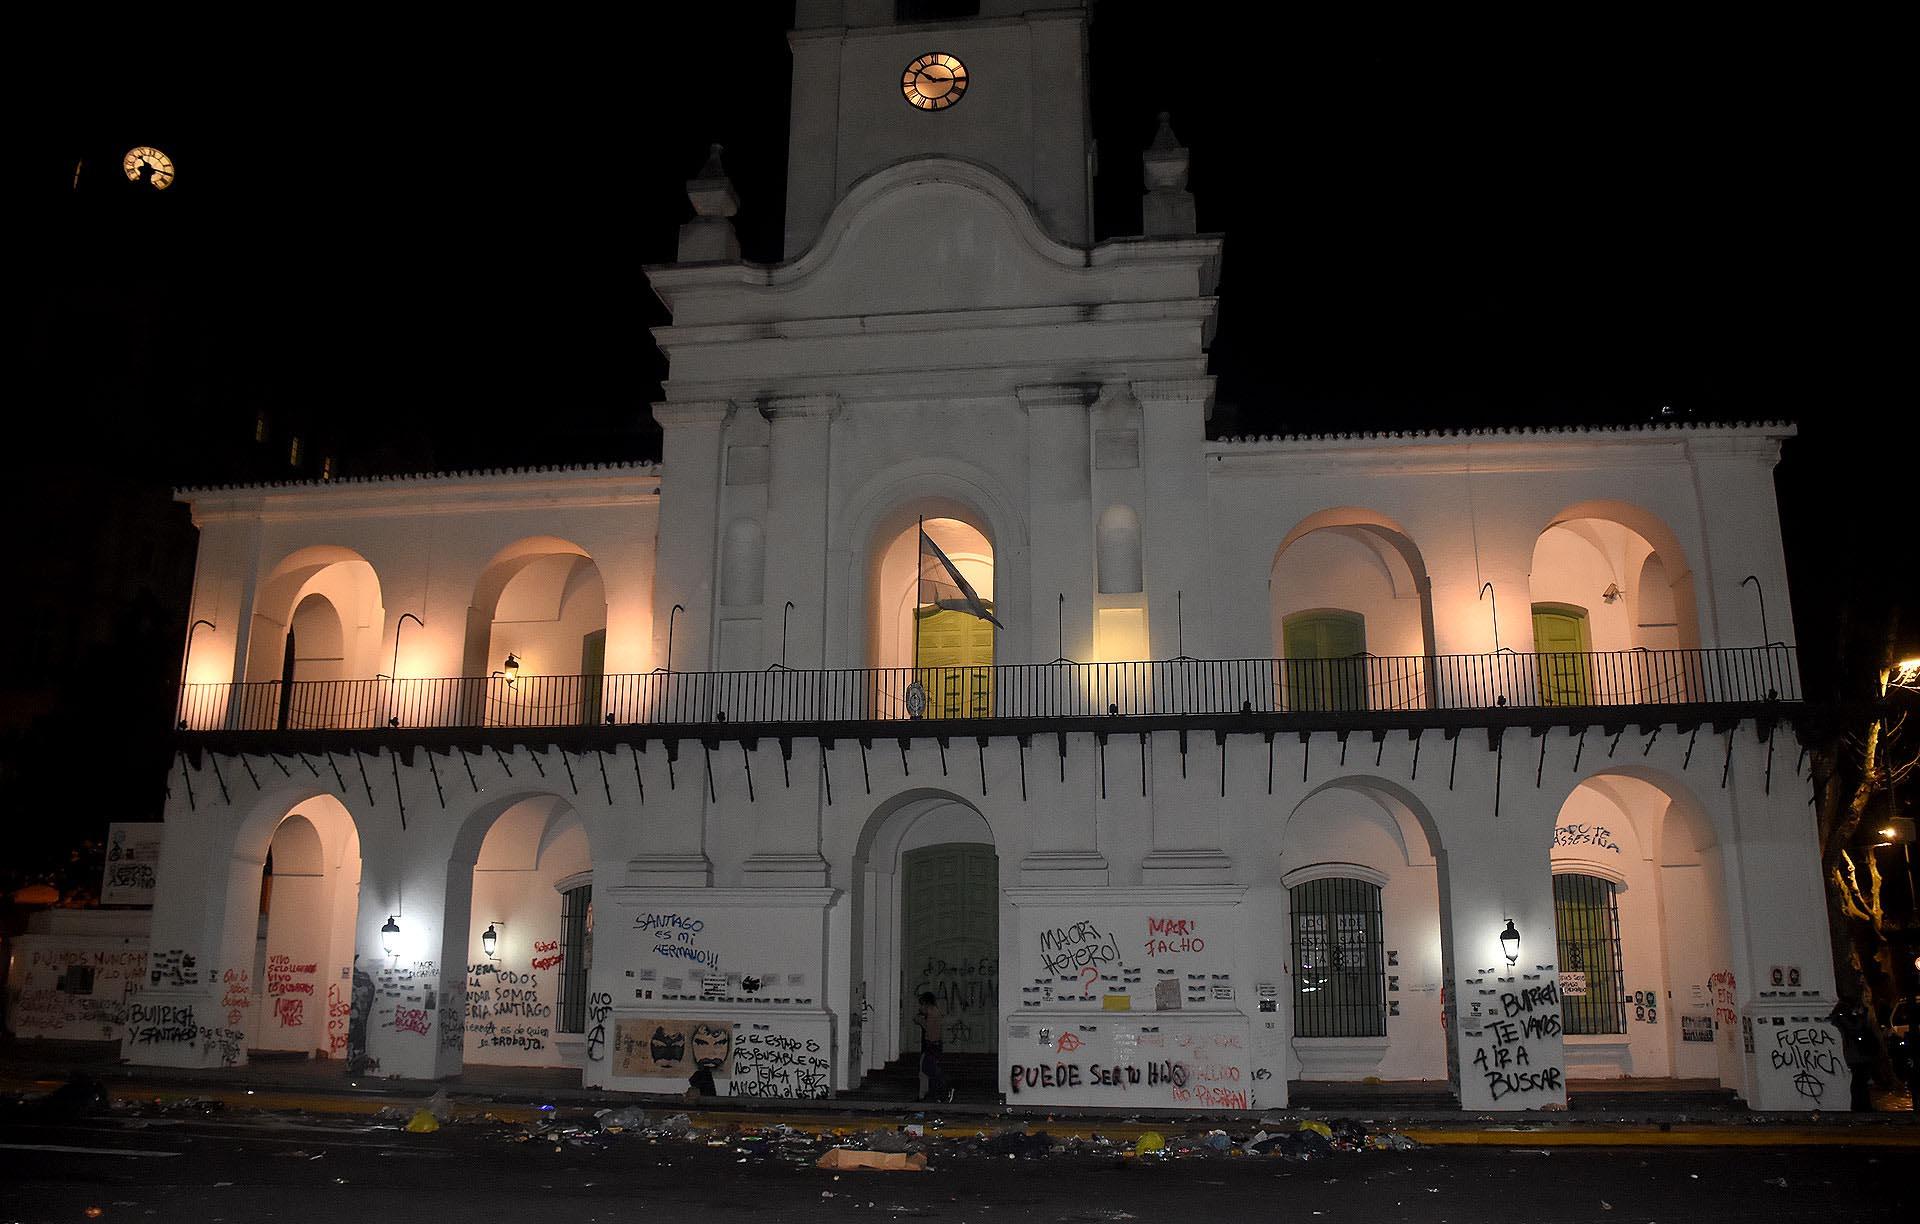 La fachada completa del Cabildo, arruinada tras la marcha por Santiago Maldonado